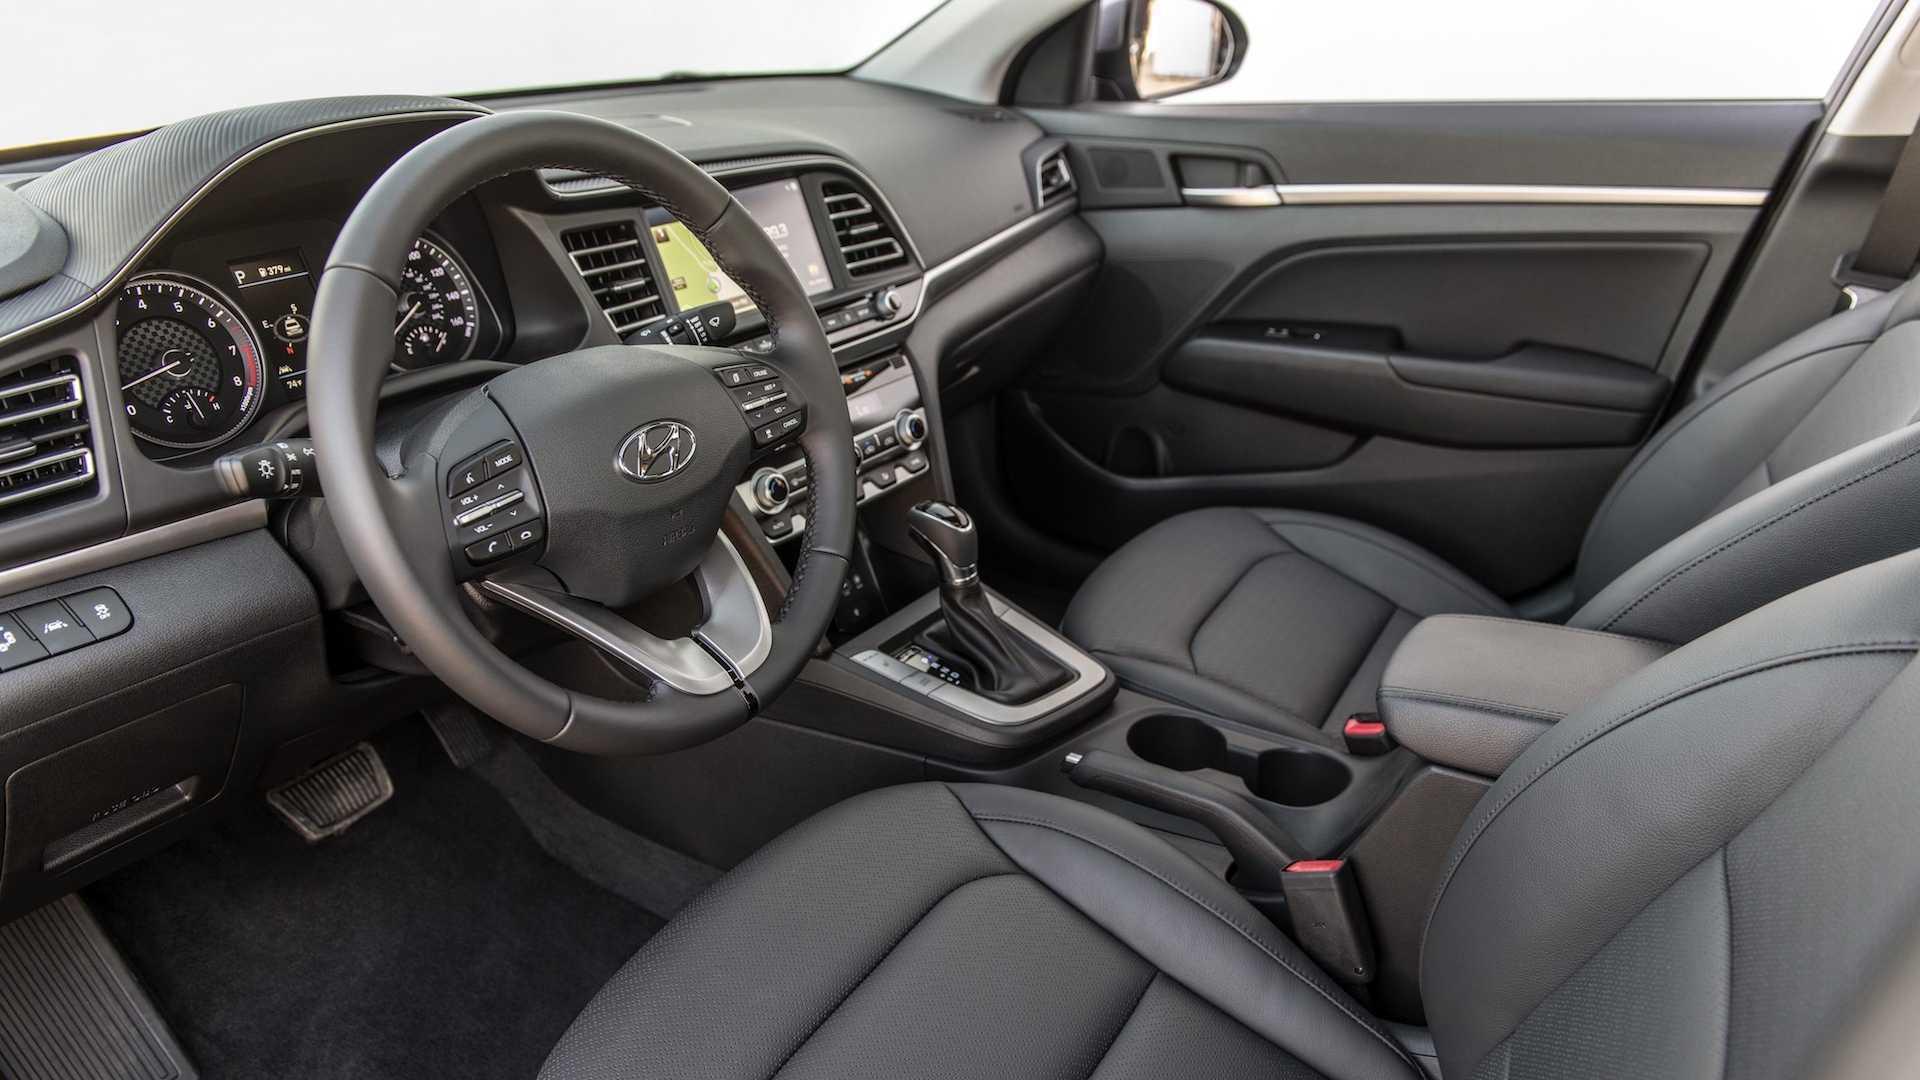 2020 Hyundai Elantra Drops Manual Gains More Standard Features